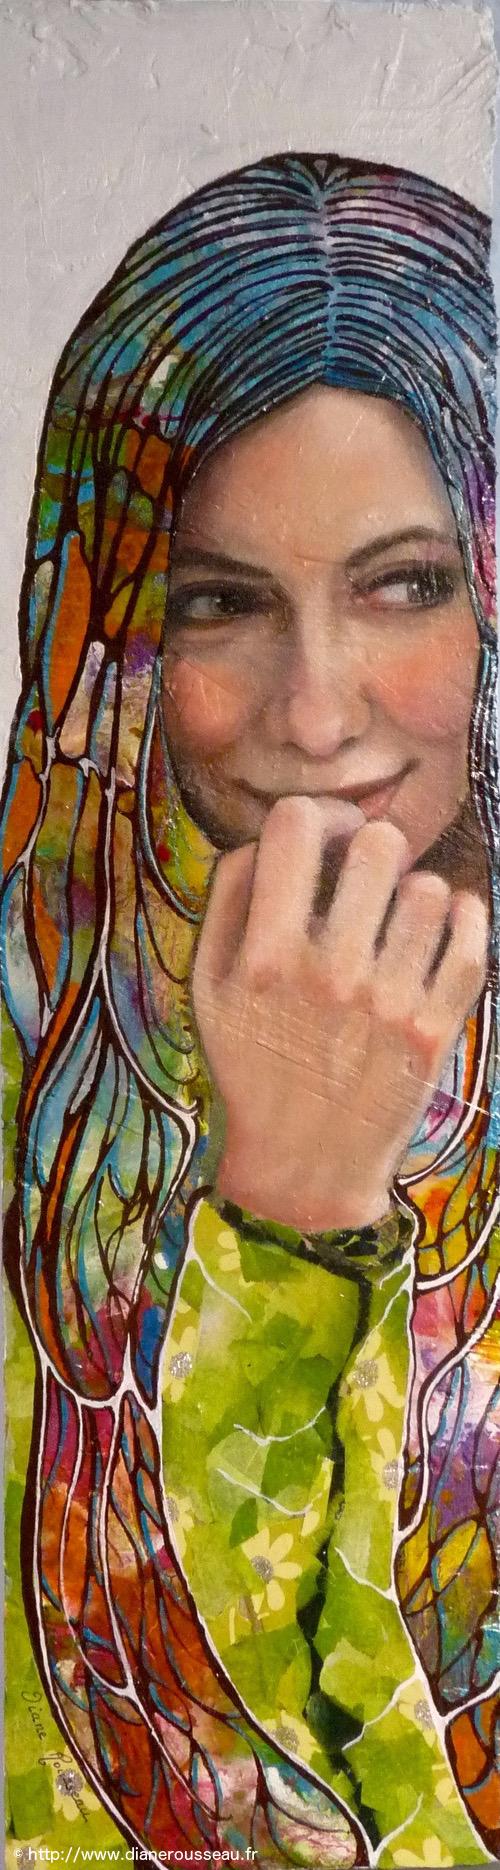 portrait femme, technique mixte, vitrail, peinture, collage, huile, acrylique, diane rousseau